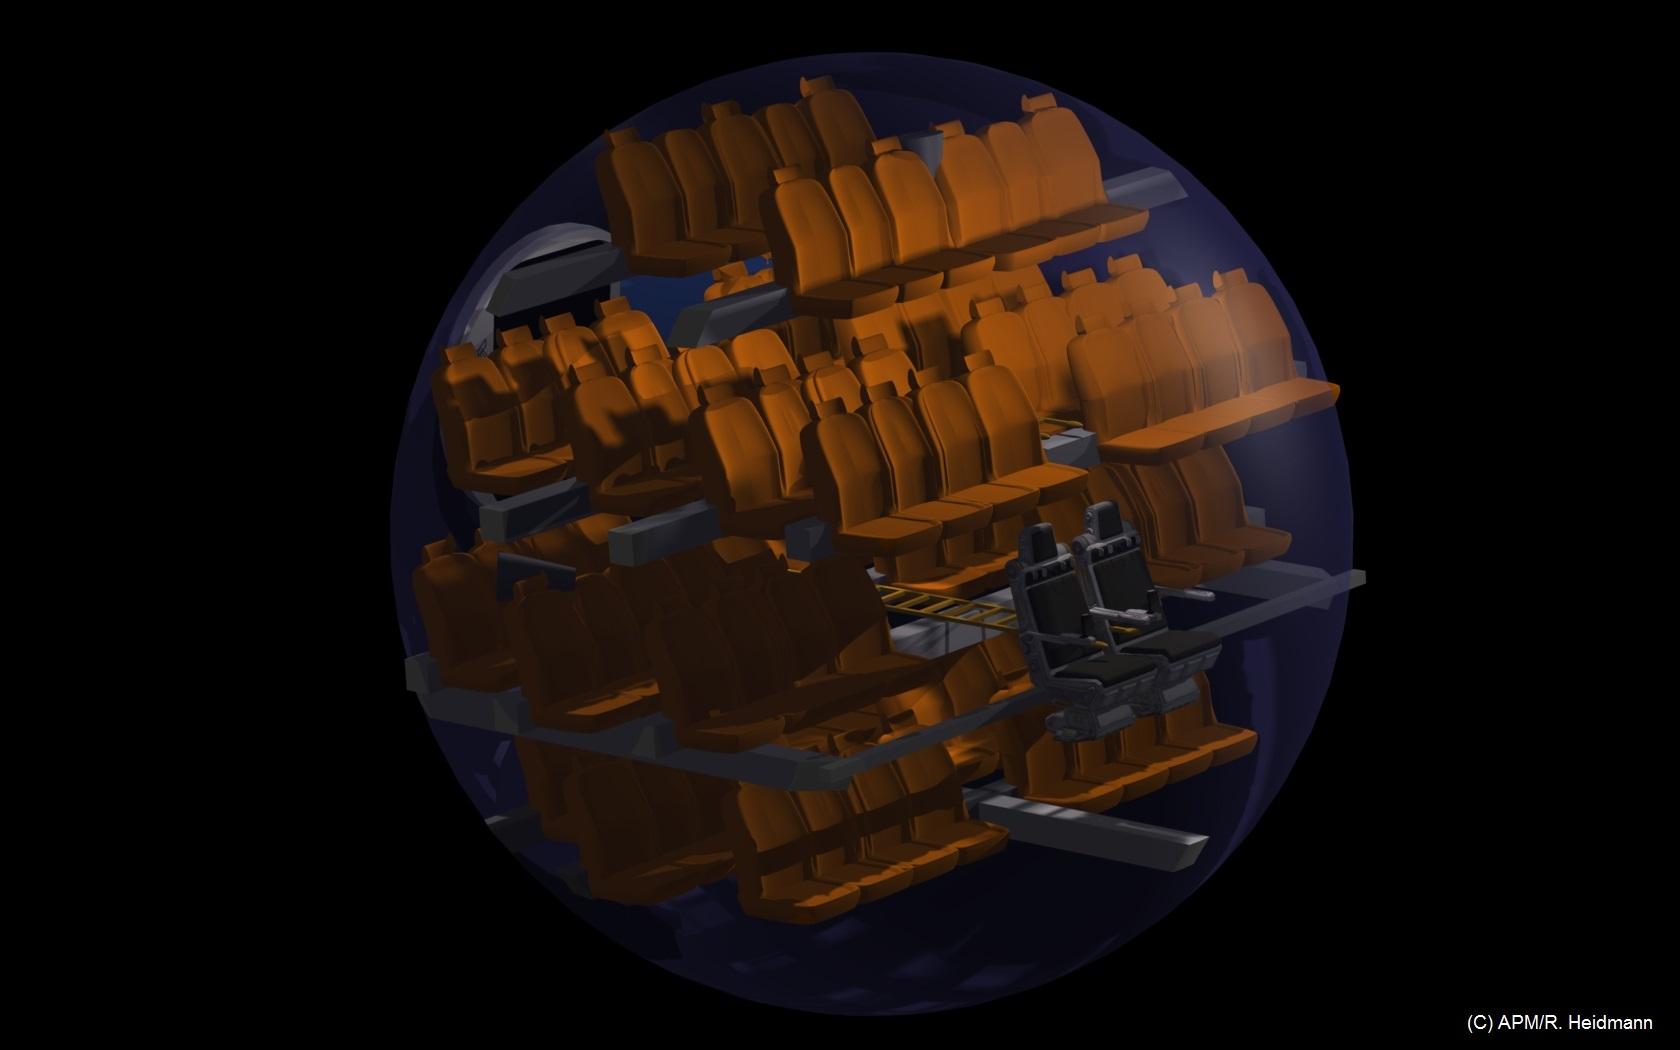 Concept de la partie pressurisée du module de secours, où se tiendront la centaine de passagers pendant le lancement, mais aussi lors de toutes les autres phases propulsives. Diamètre 6,10 m ; 5 niveaux de sièges.